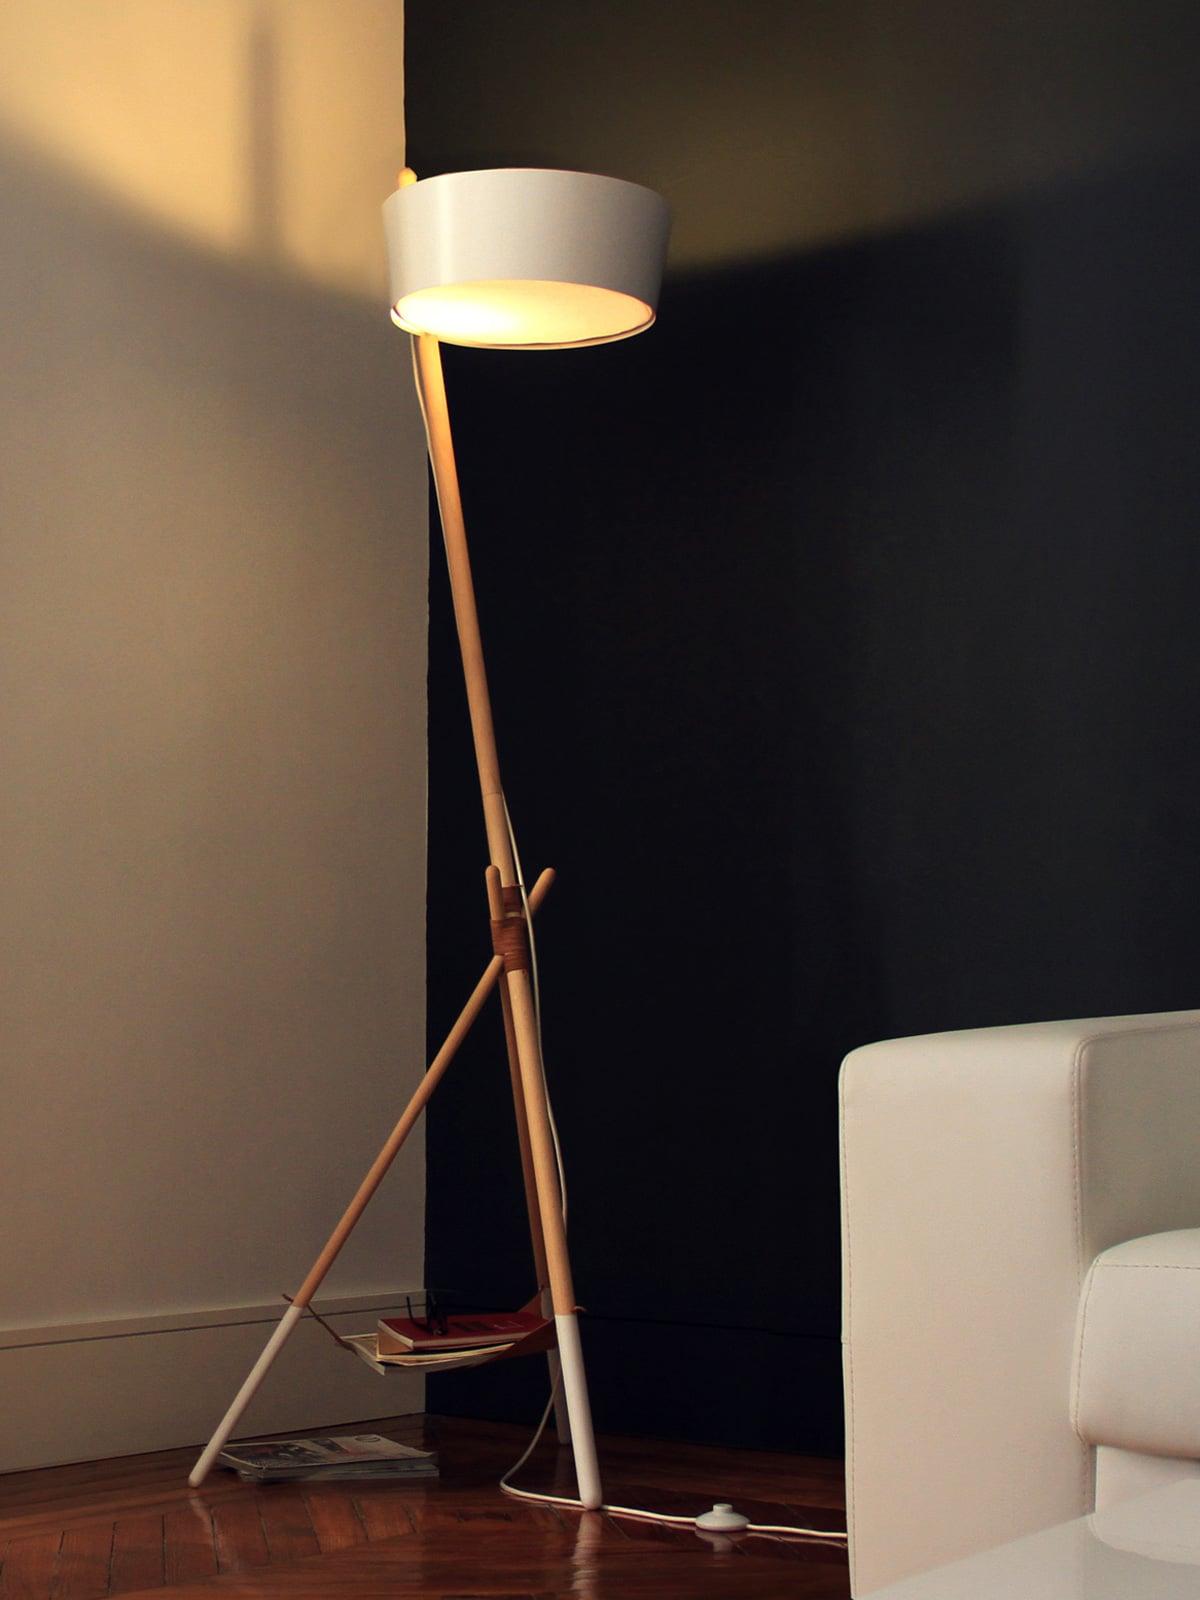 Designerleuchten aus nachhaltiger Produktion KA LAMP von Woddendot